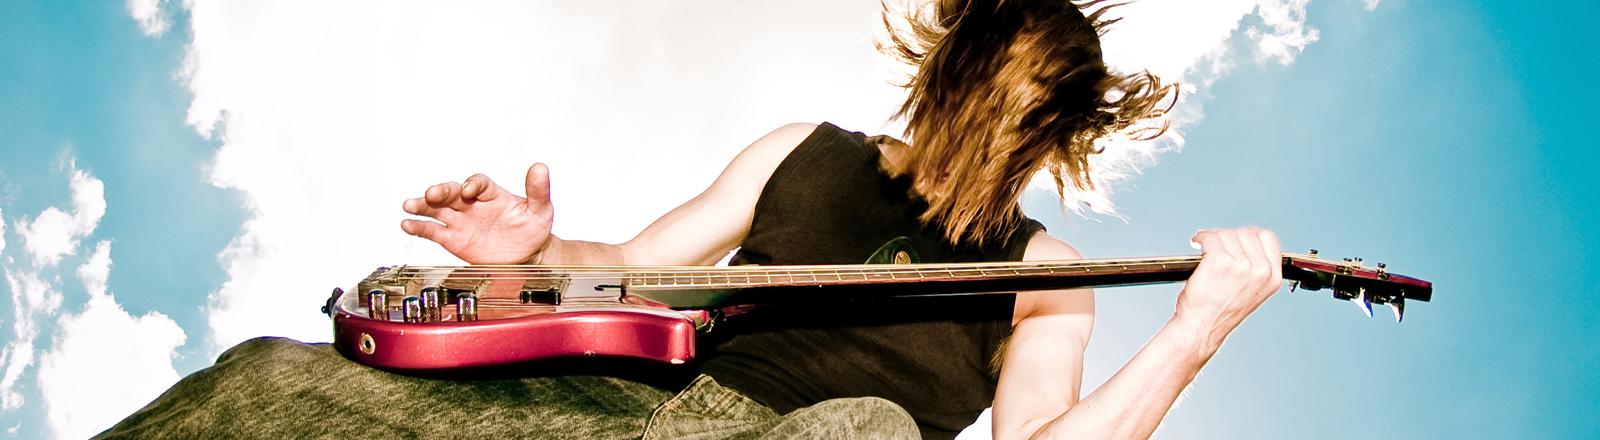 Ein Mann spielt auf einer roten Gitarre. Seine halblangen Haare verdecken sein Gesicht.